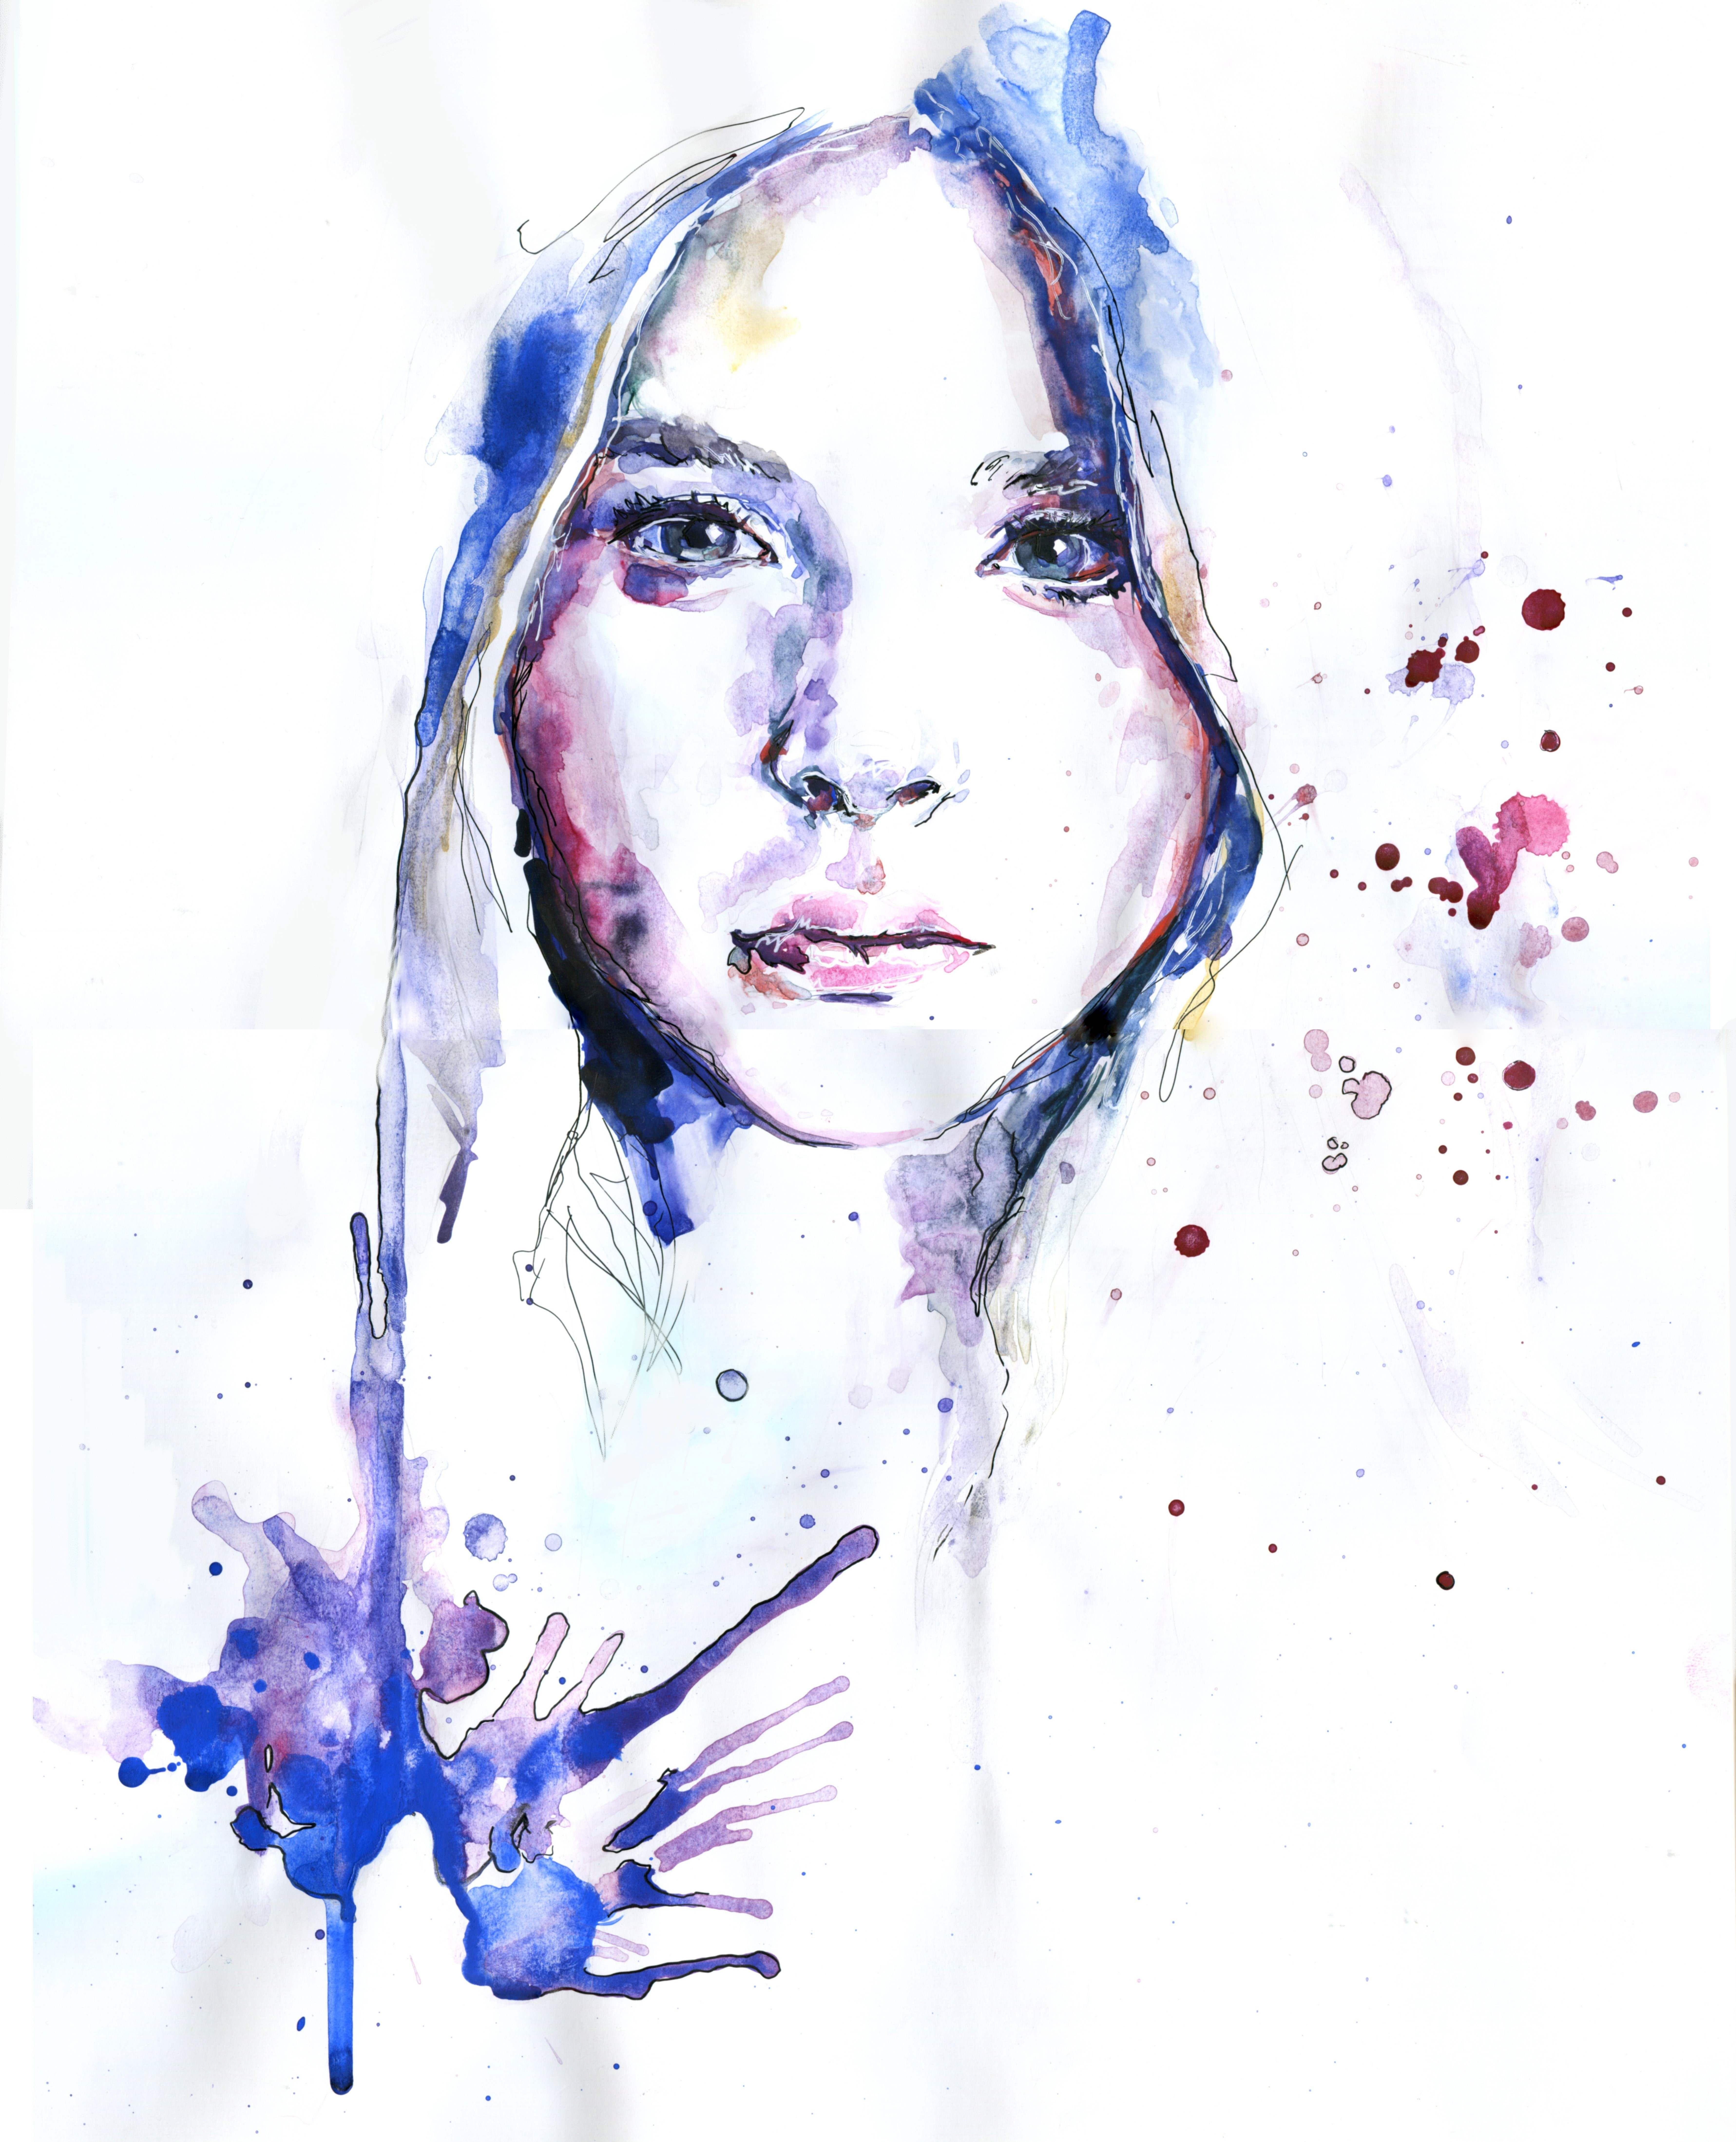 арт картина заказ на art художник акварель watercolor портрет